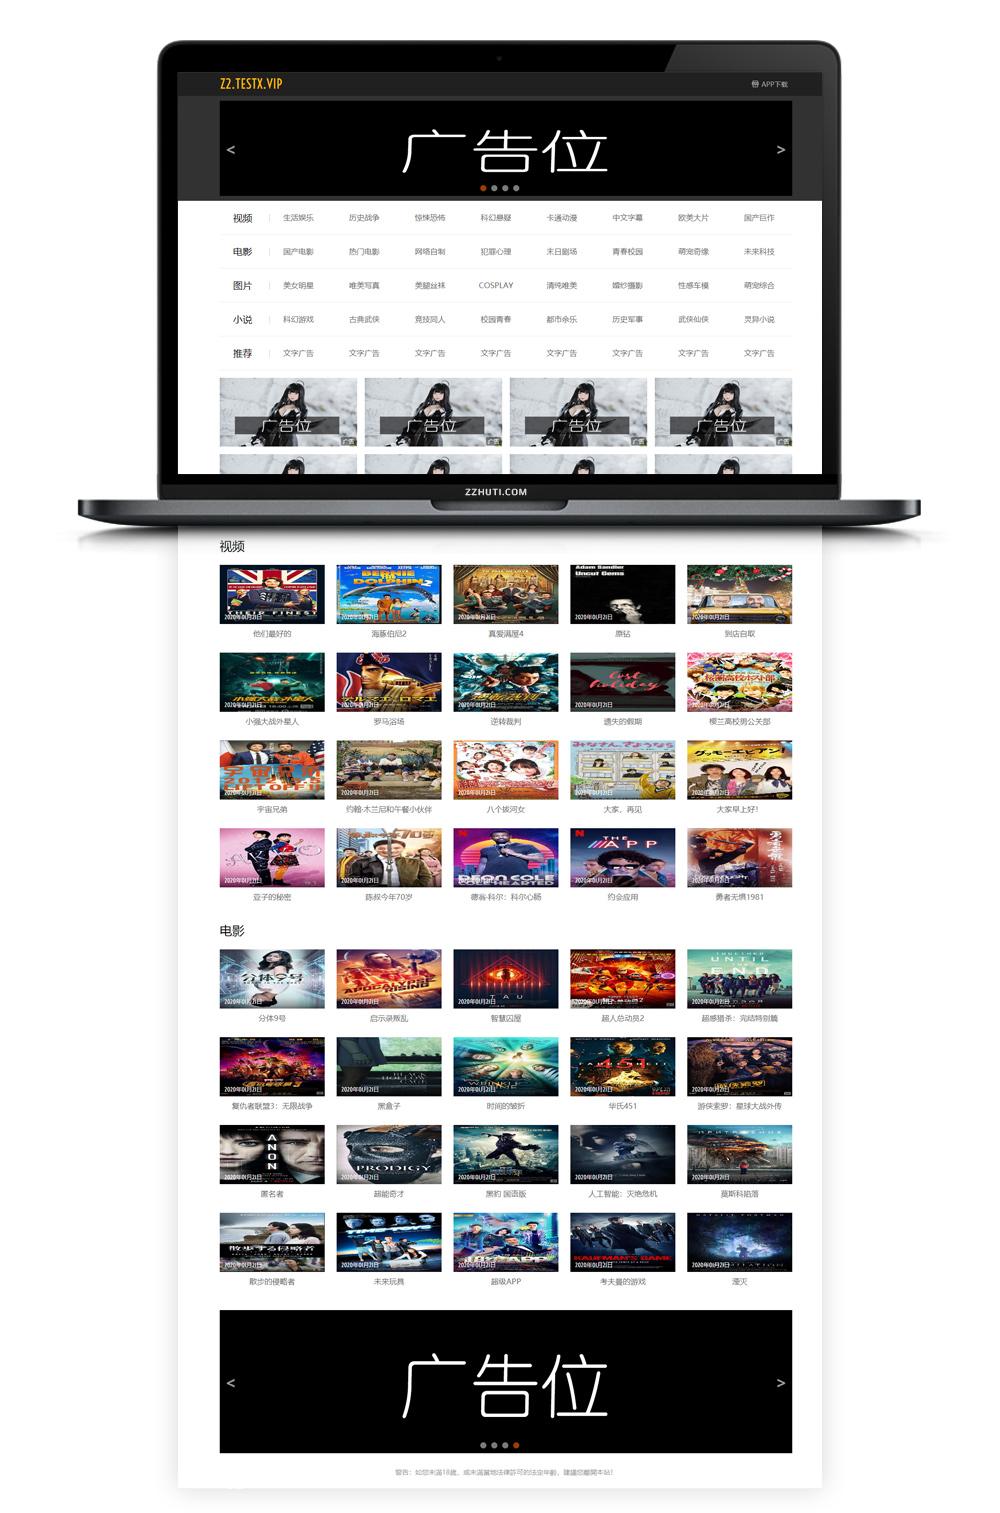 【苹果CMS模板】精简黑白大气影视CMS网站模板自适应手机端-蓝汇源码